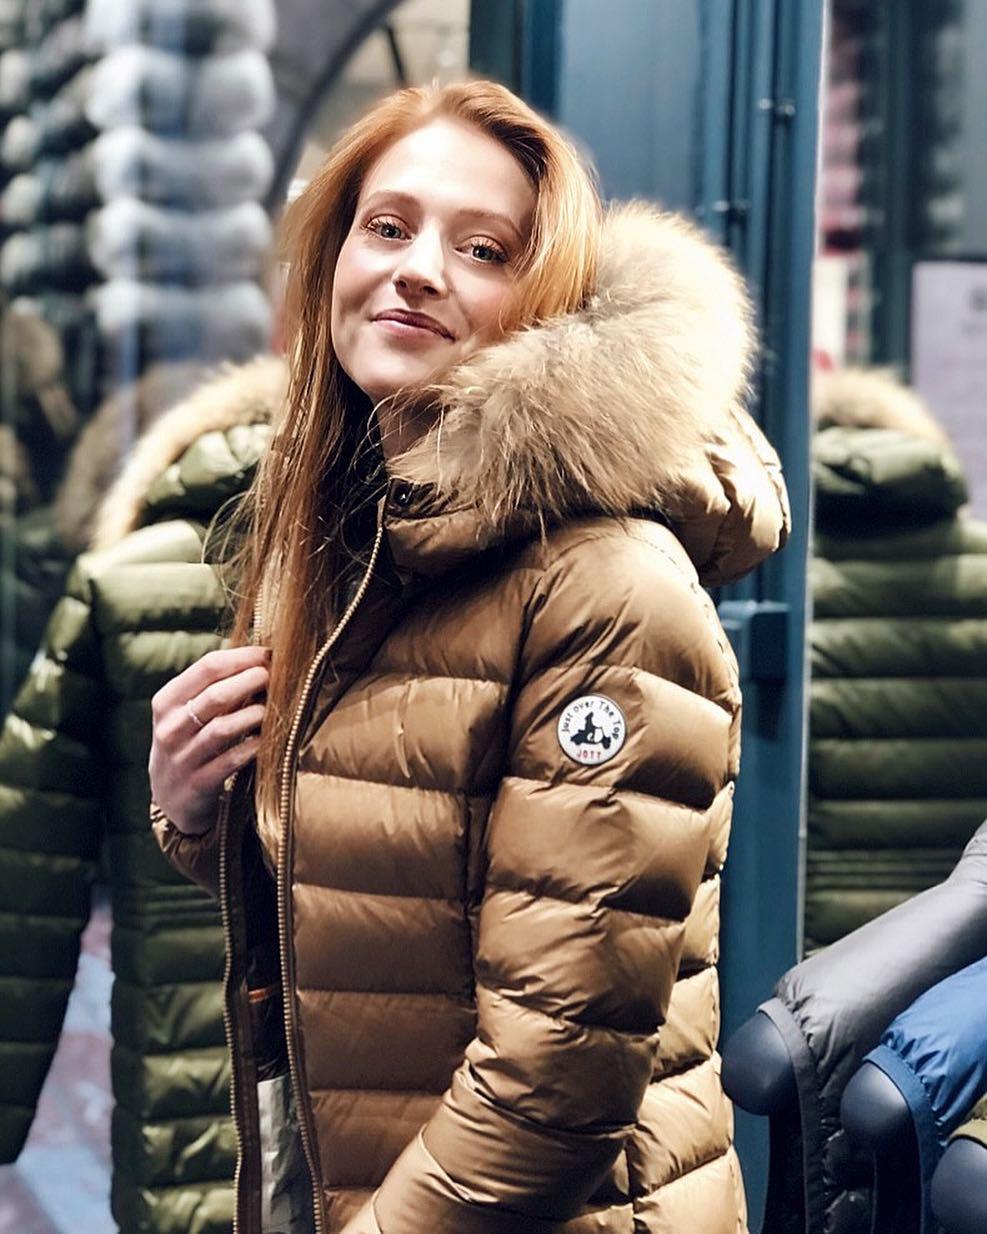 jott noire luxe de Les Bourgeoises sur lalou_make_up